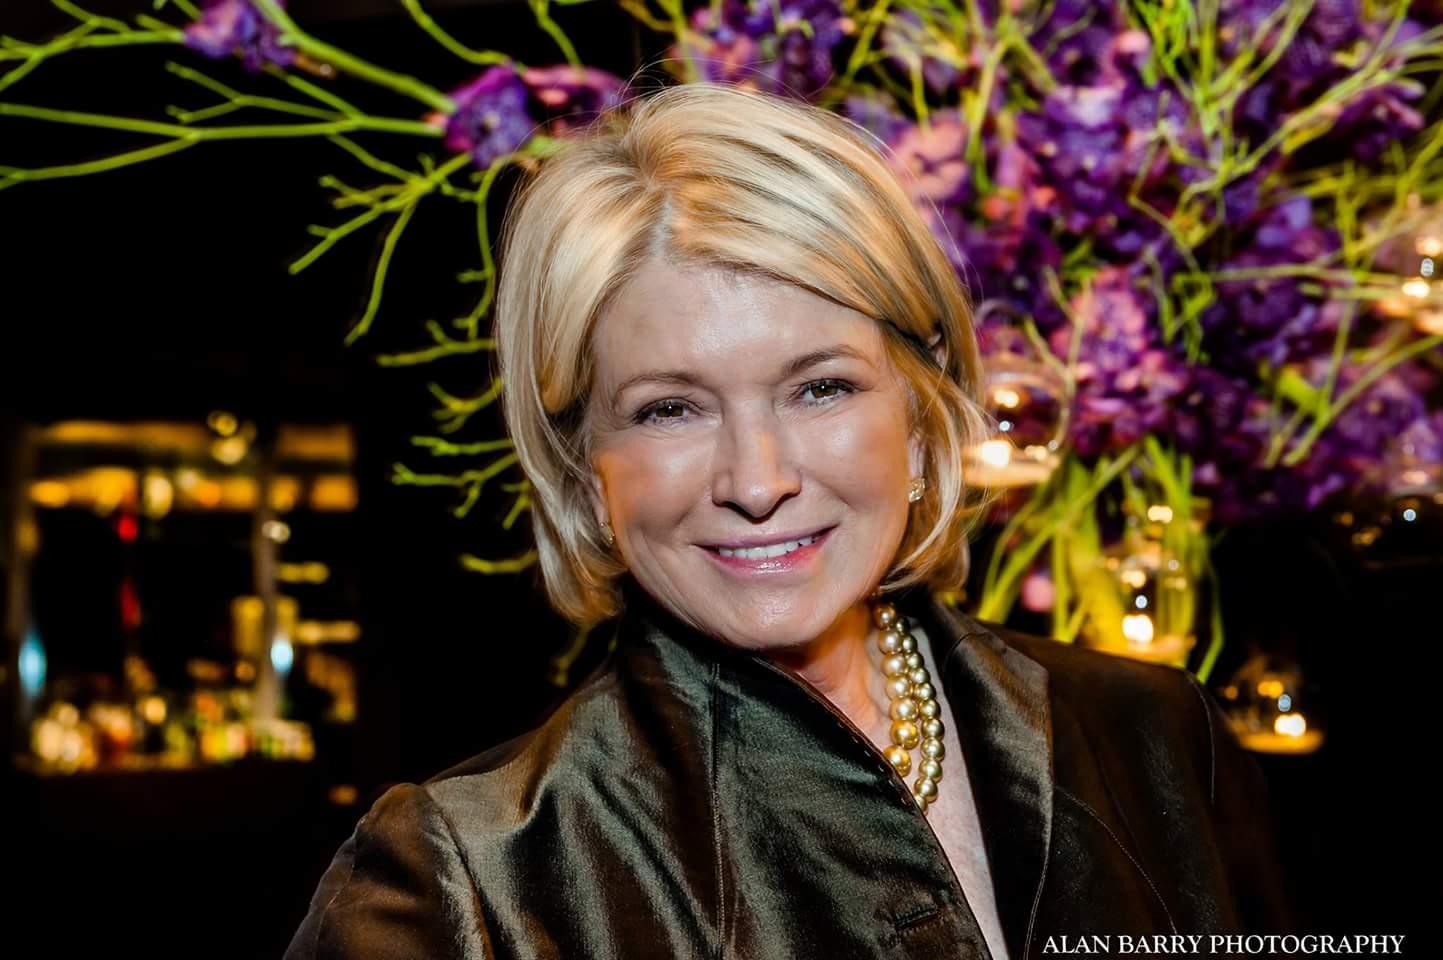 Designerlebrity Martha Stewart